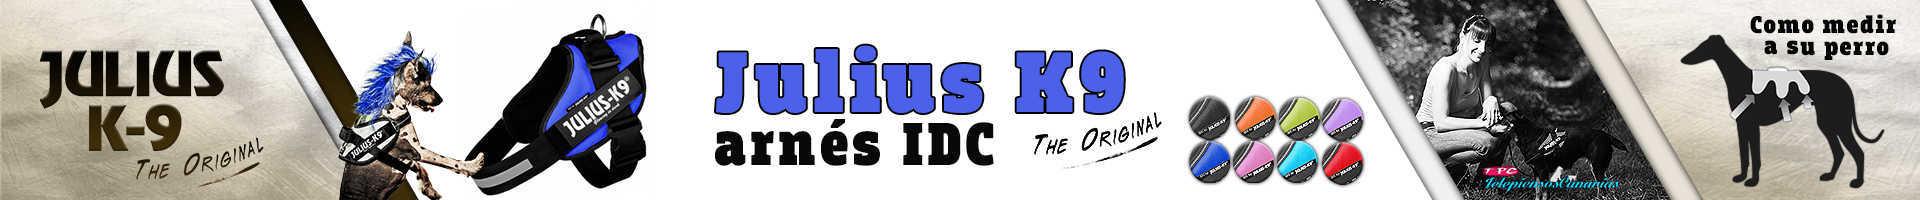 Julius-K9-arnés idc azul marino